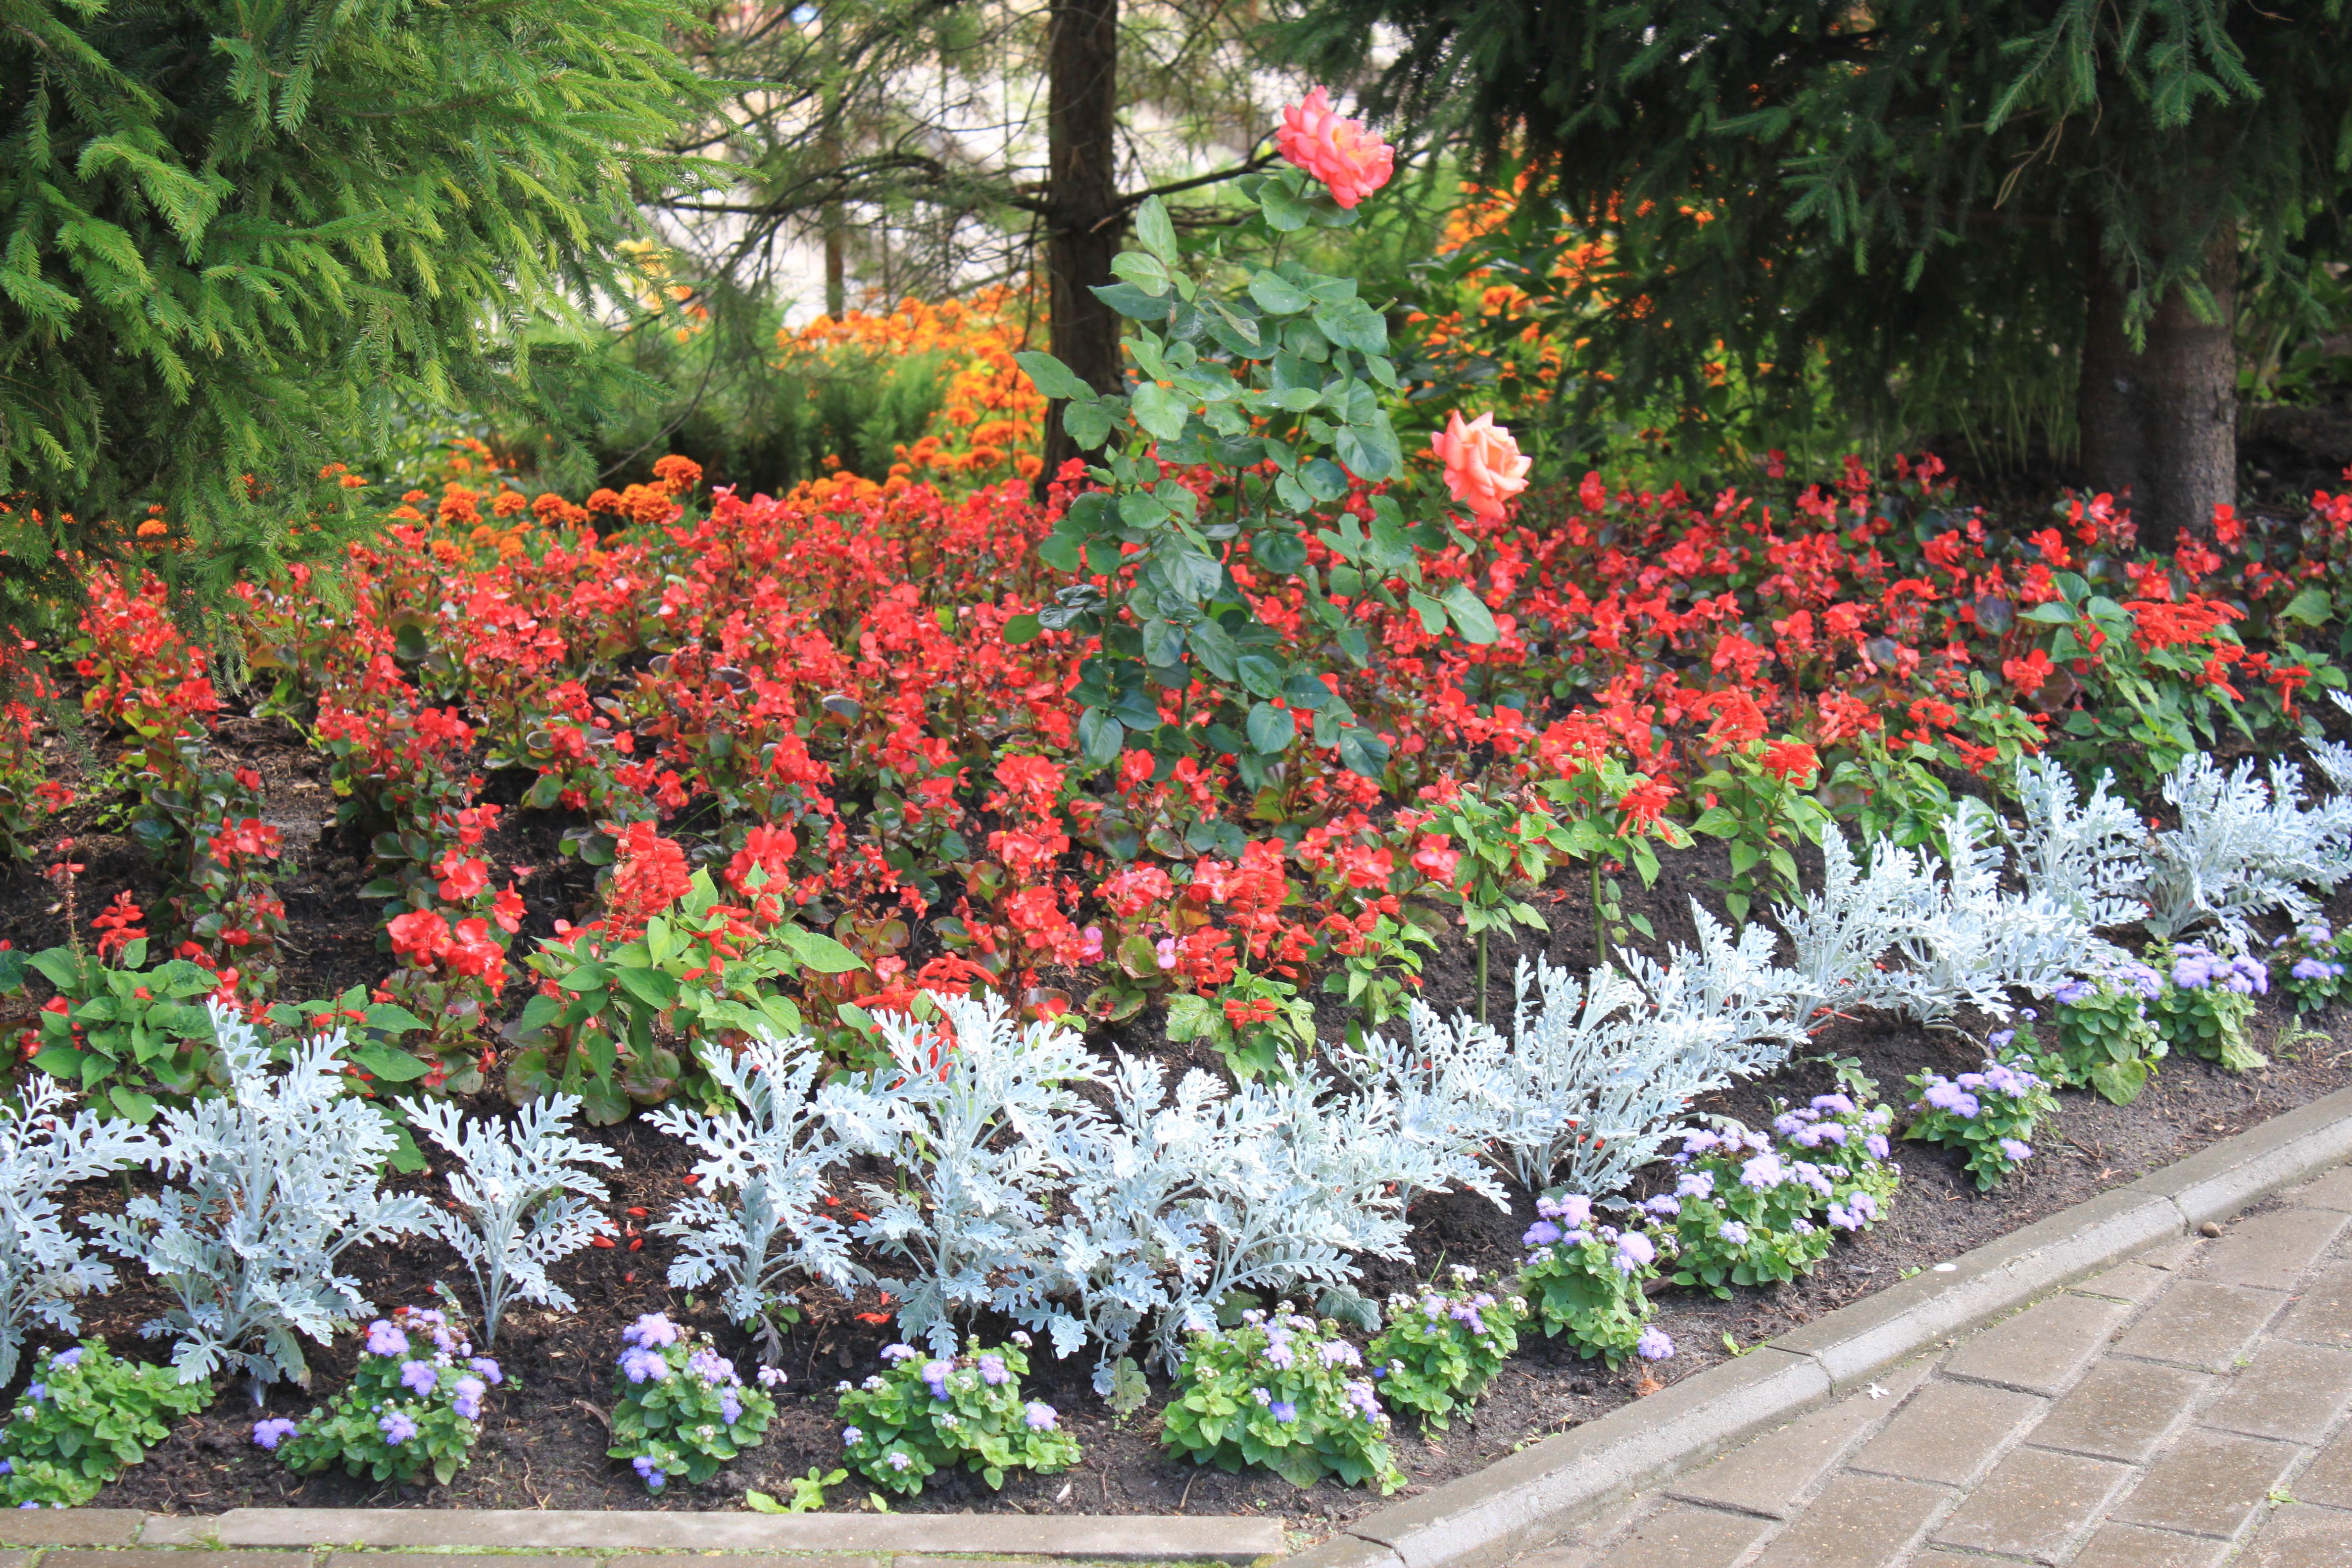 Image De Parterre De Fleurs file:parterre de fleurs - panoramio (2) - wikimedia commons